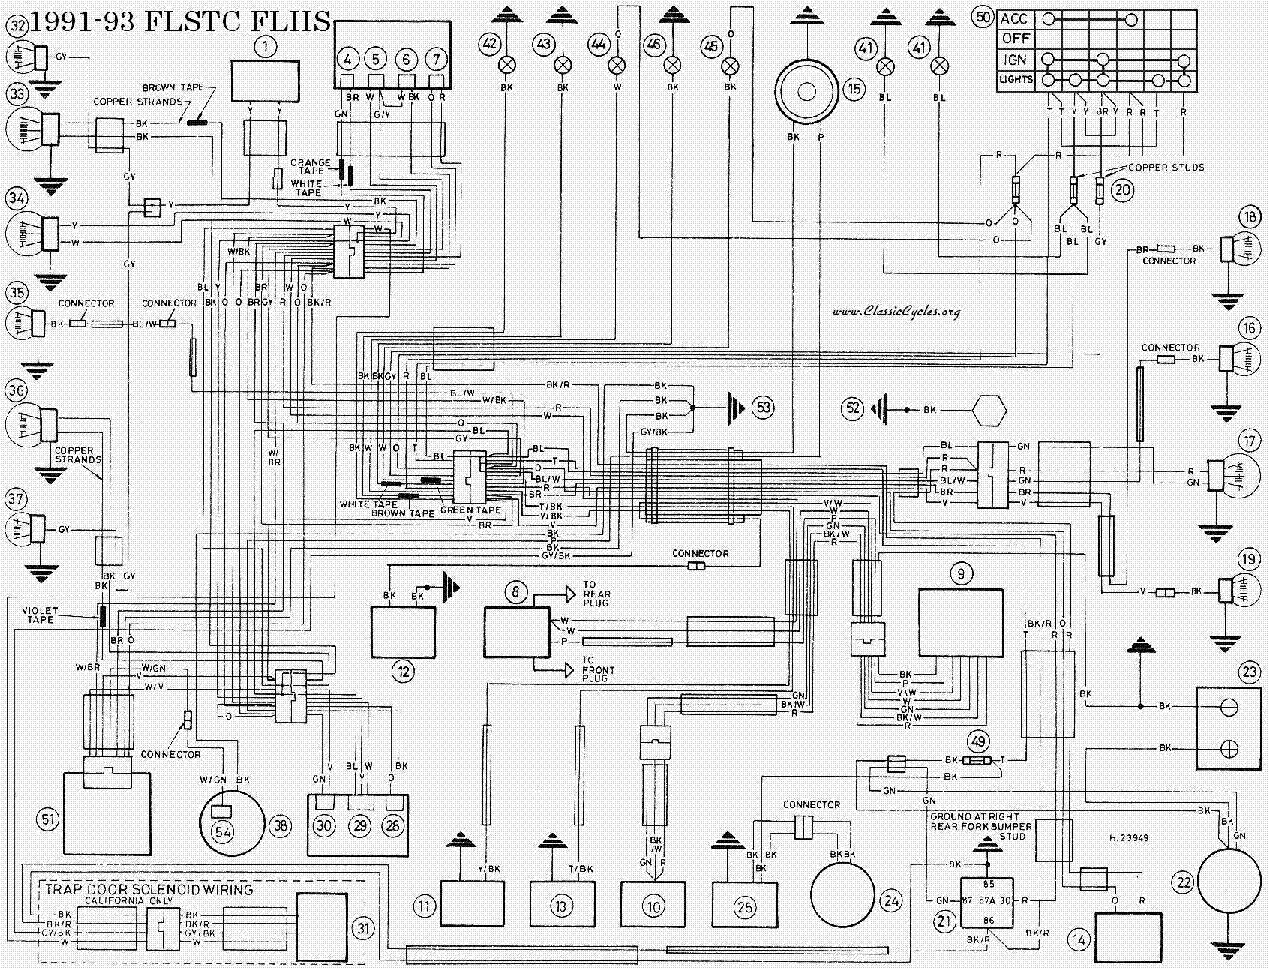 Harley Davidson Wiring Diagram Download